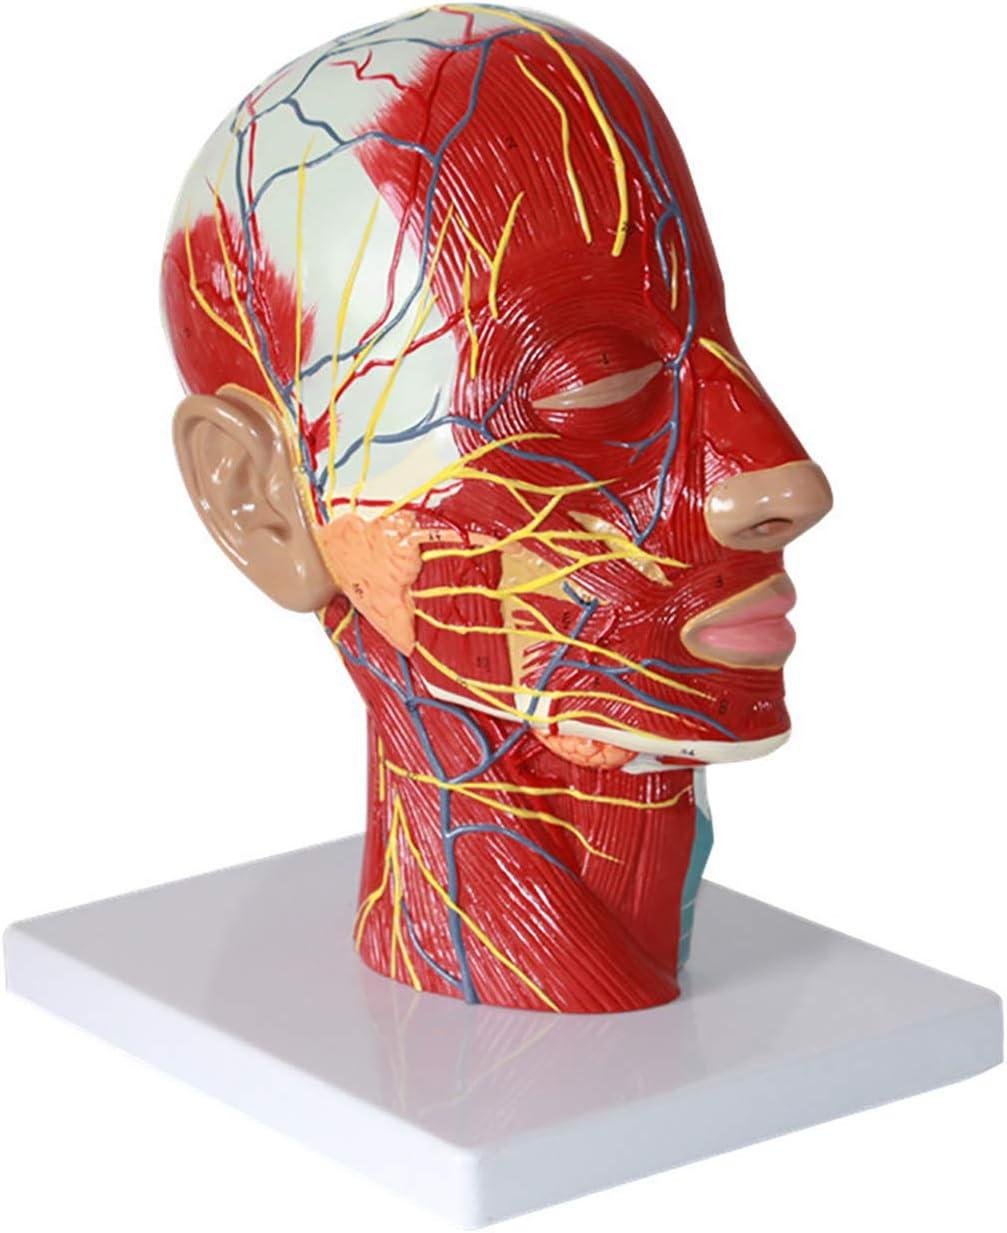 ティーチングデモンストレーション用のデジタル注釈、カラー、とザ・ヘッドモデル、血管神経モデル、頭解剖モデル、脳モデルの矢状断面